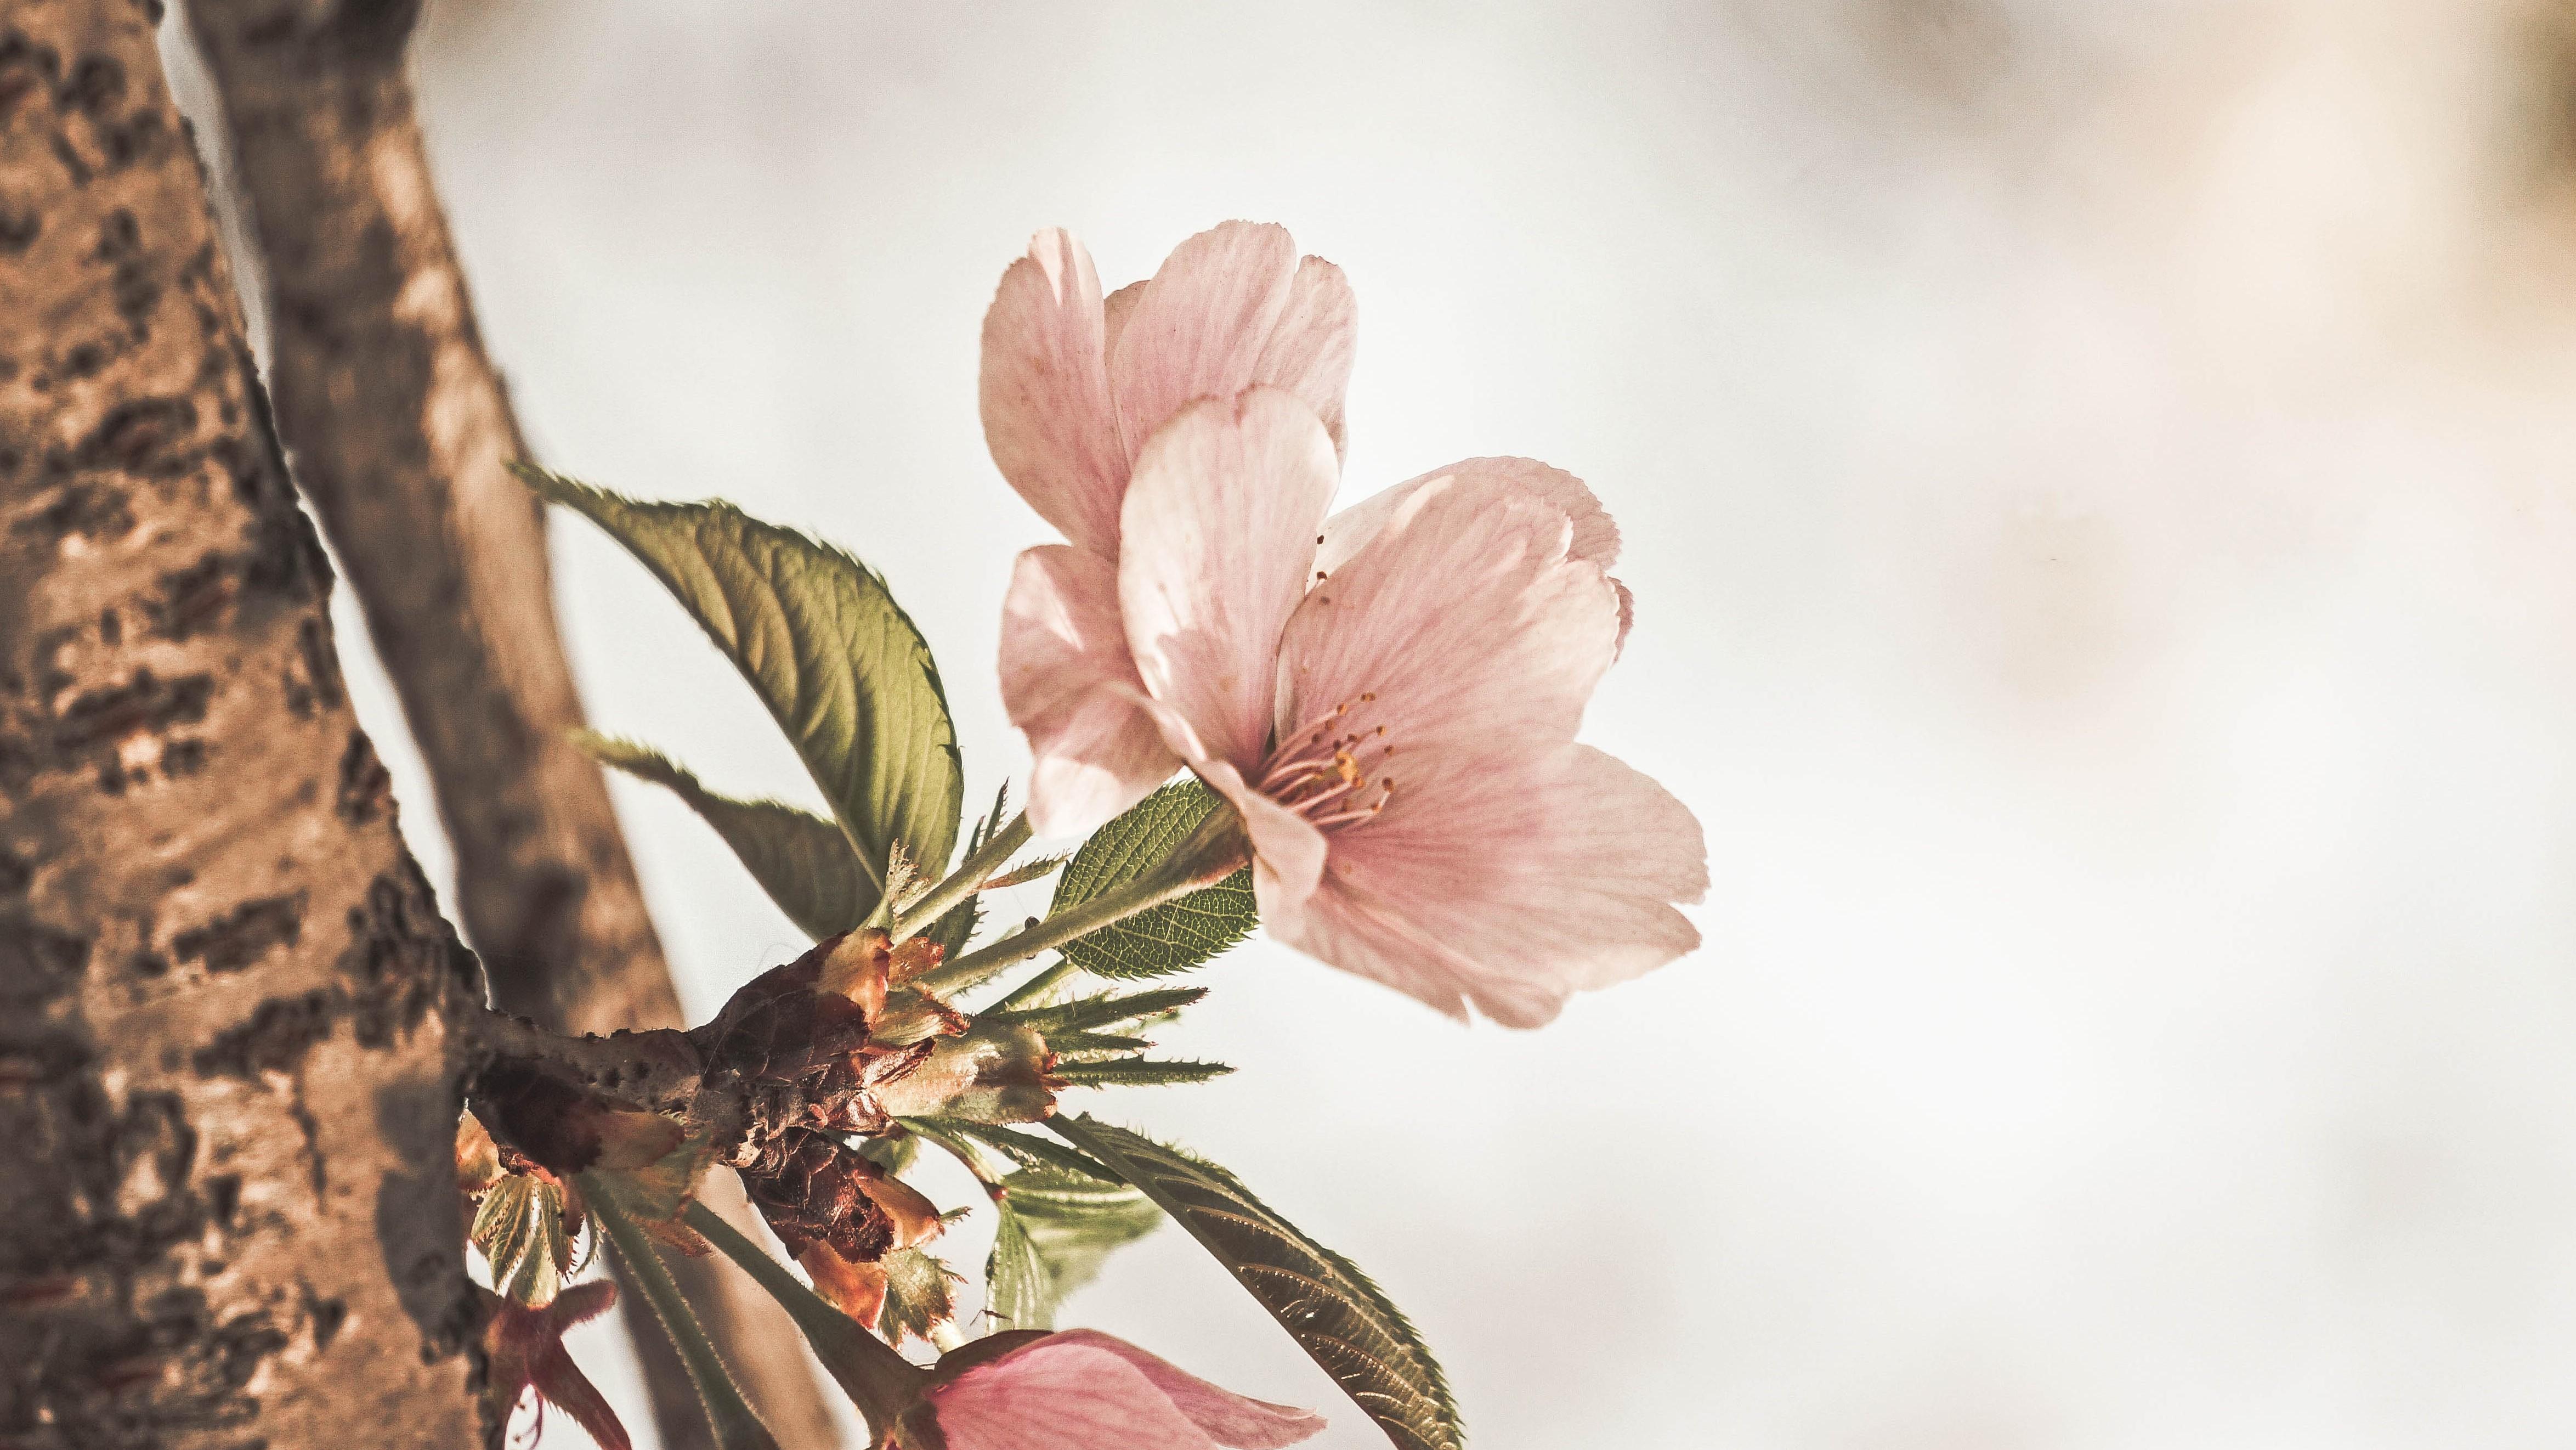 Przemiana Drzewa – Wiosna – kwaśny smak początku